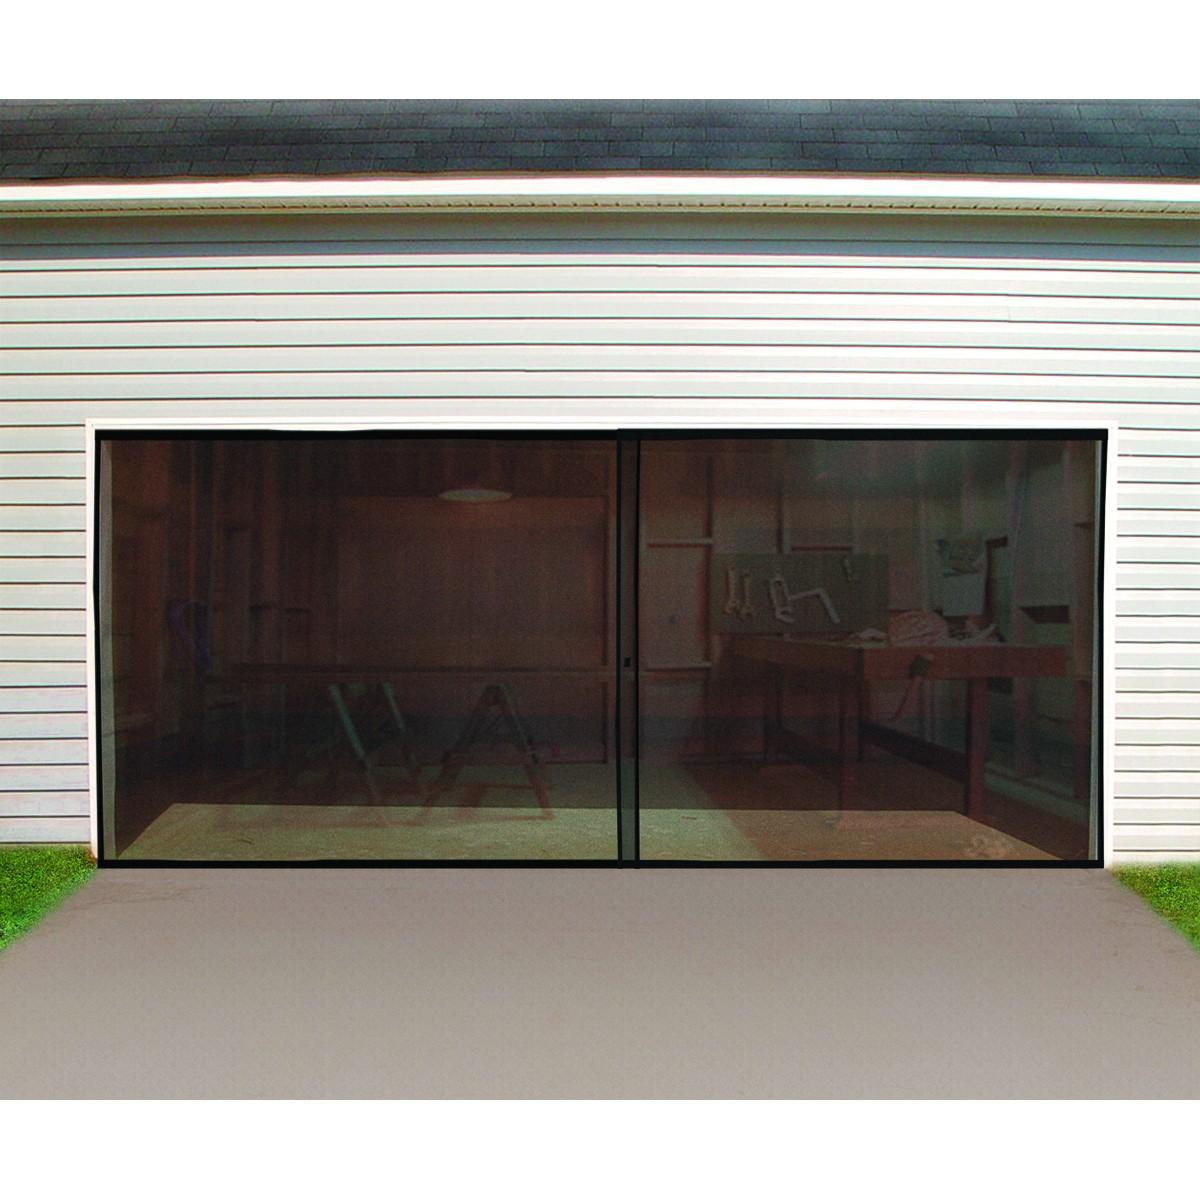 screen for garage door opening photo - 2